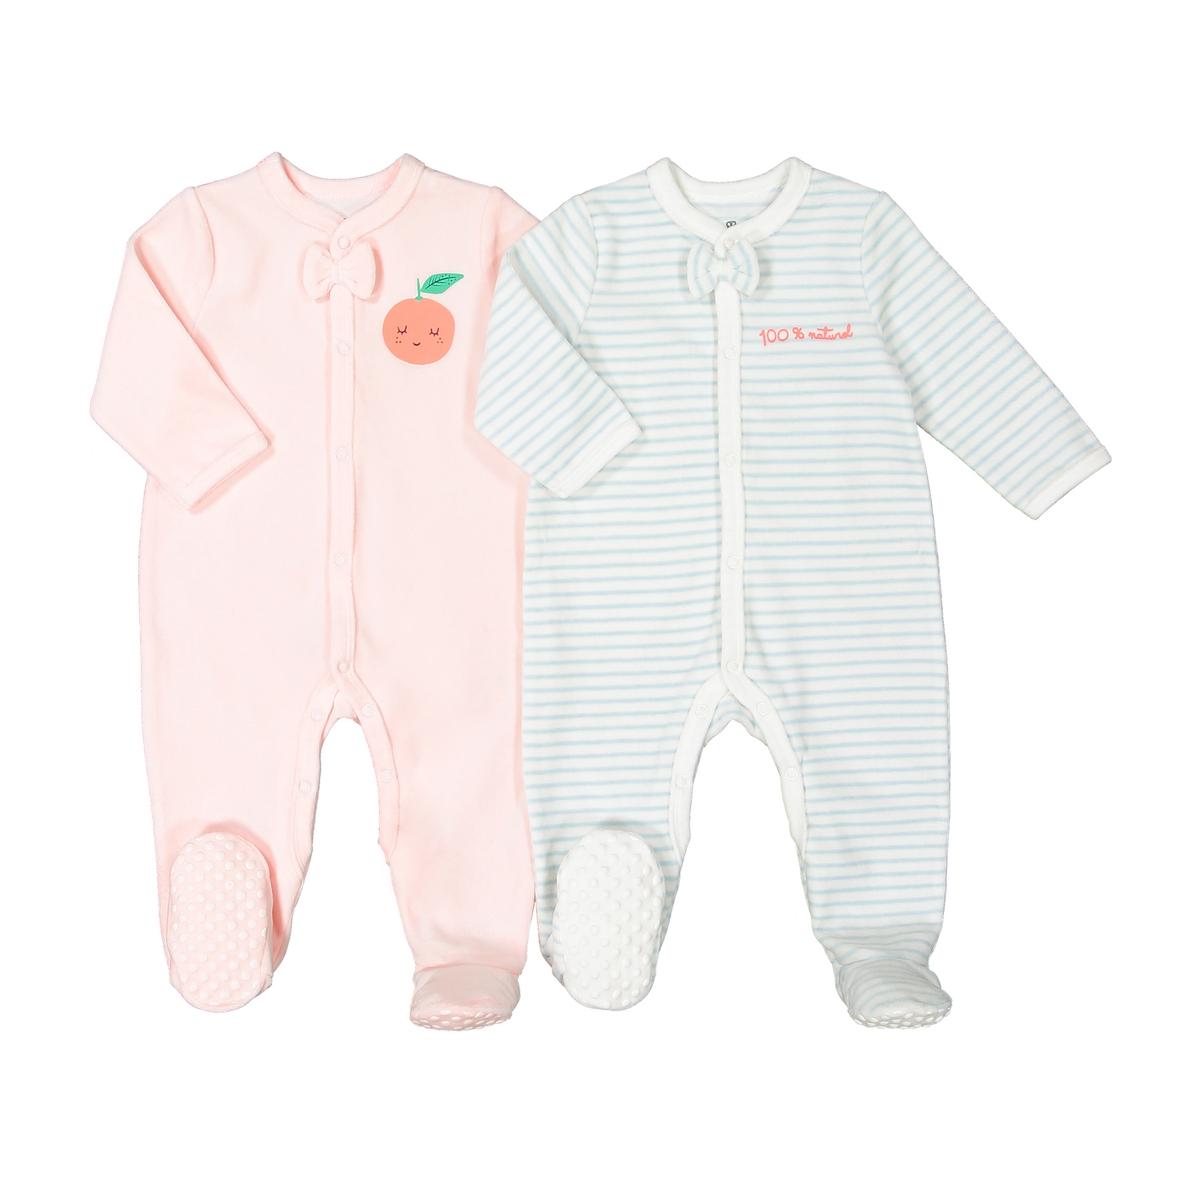 цена Комплект из пижам для La Redoute Новорожденных из велюра мес - года 2 года - 86 см розовый онлайн в 2017 году